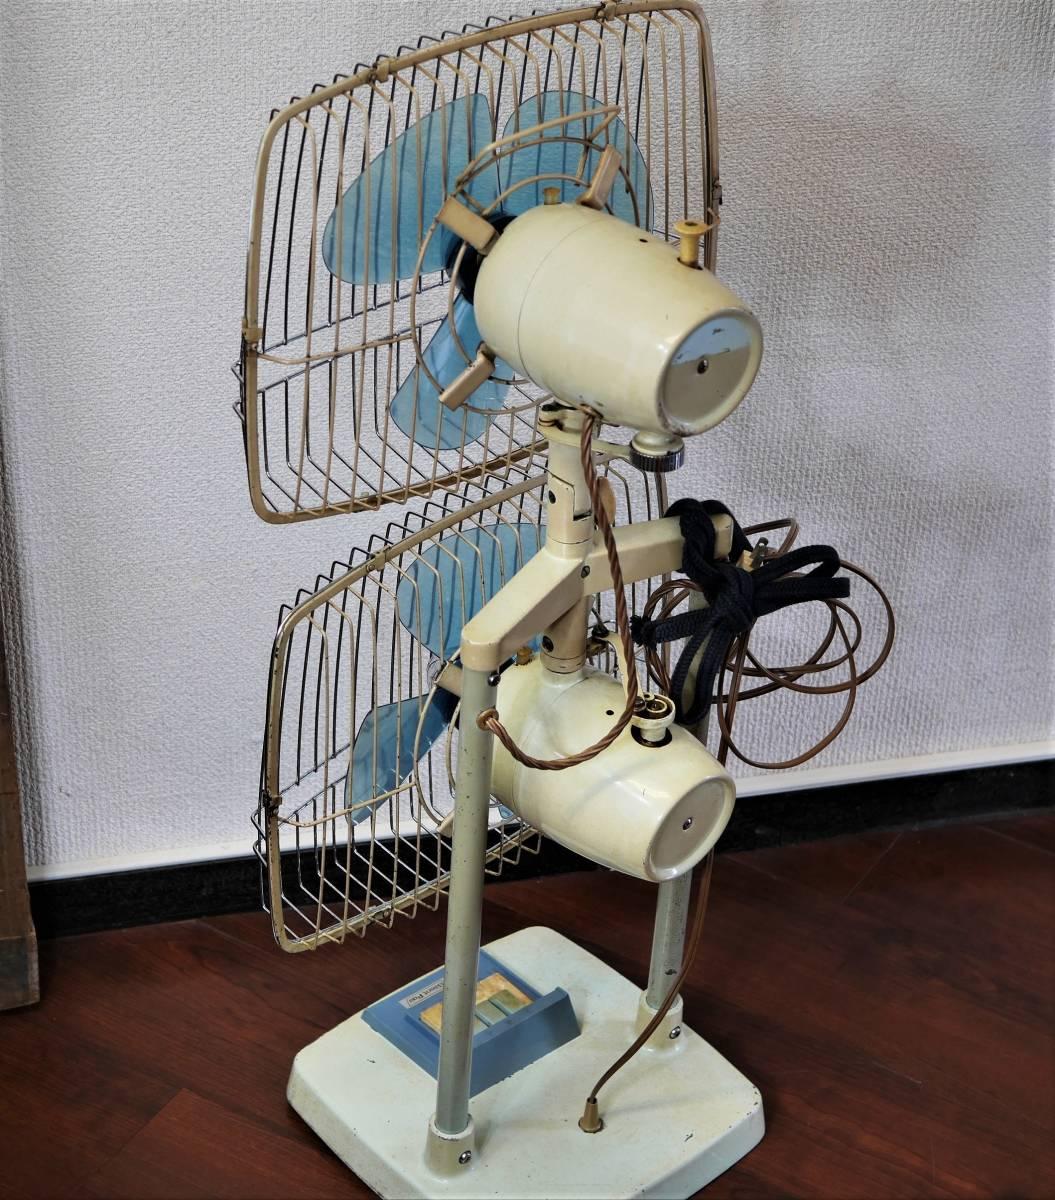 可動品!◆ FUJI 2連式 扇風機 希少 レトロ 当時物【Silent Pair】アンティーク_画像5